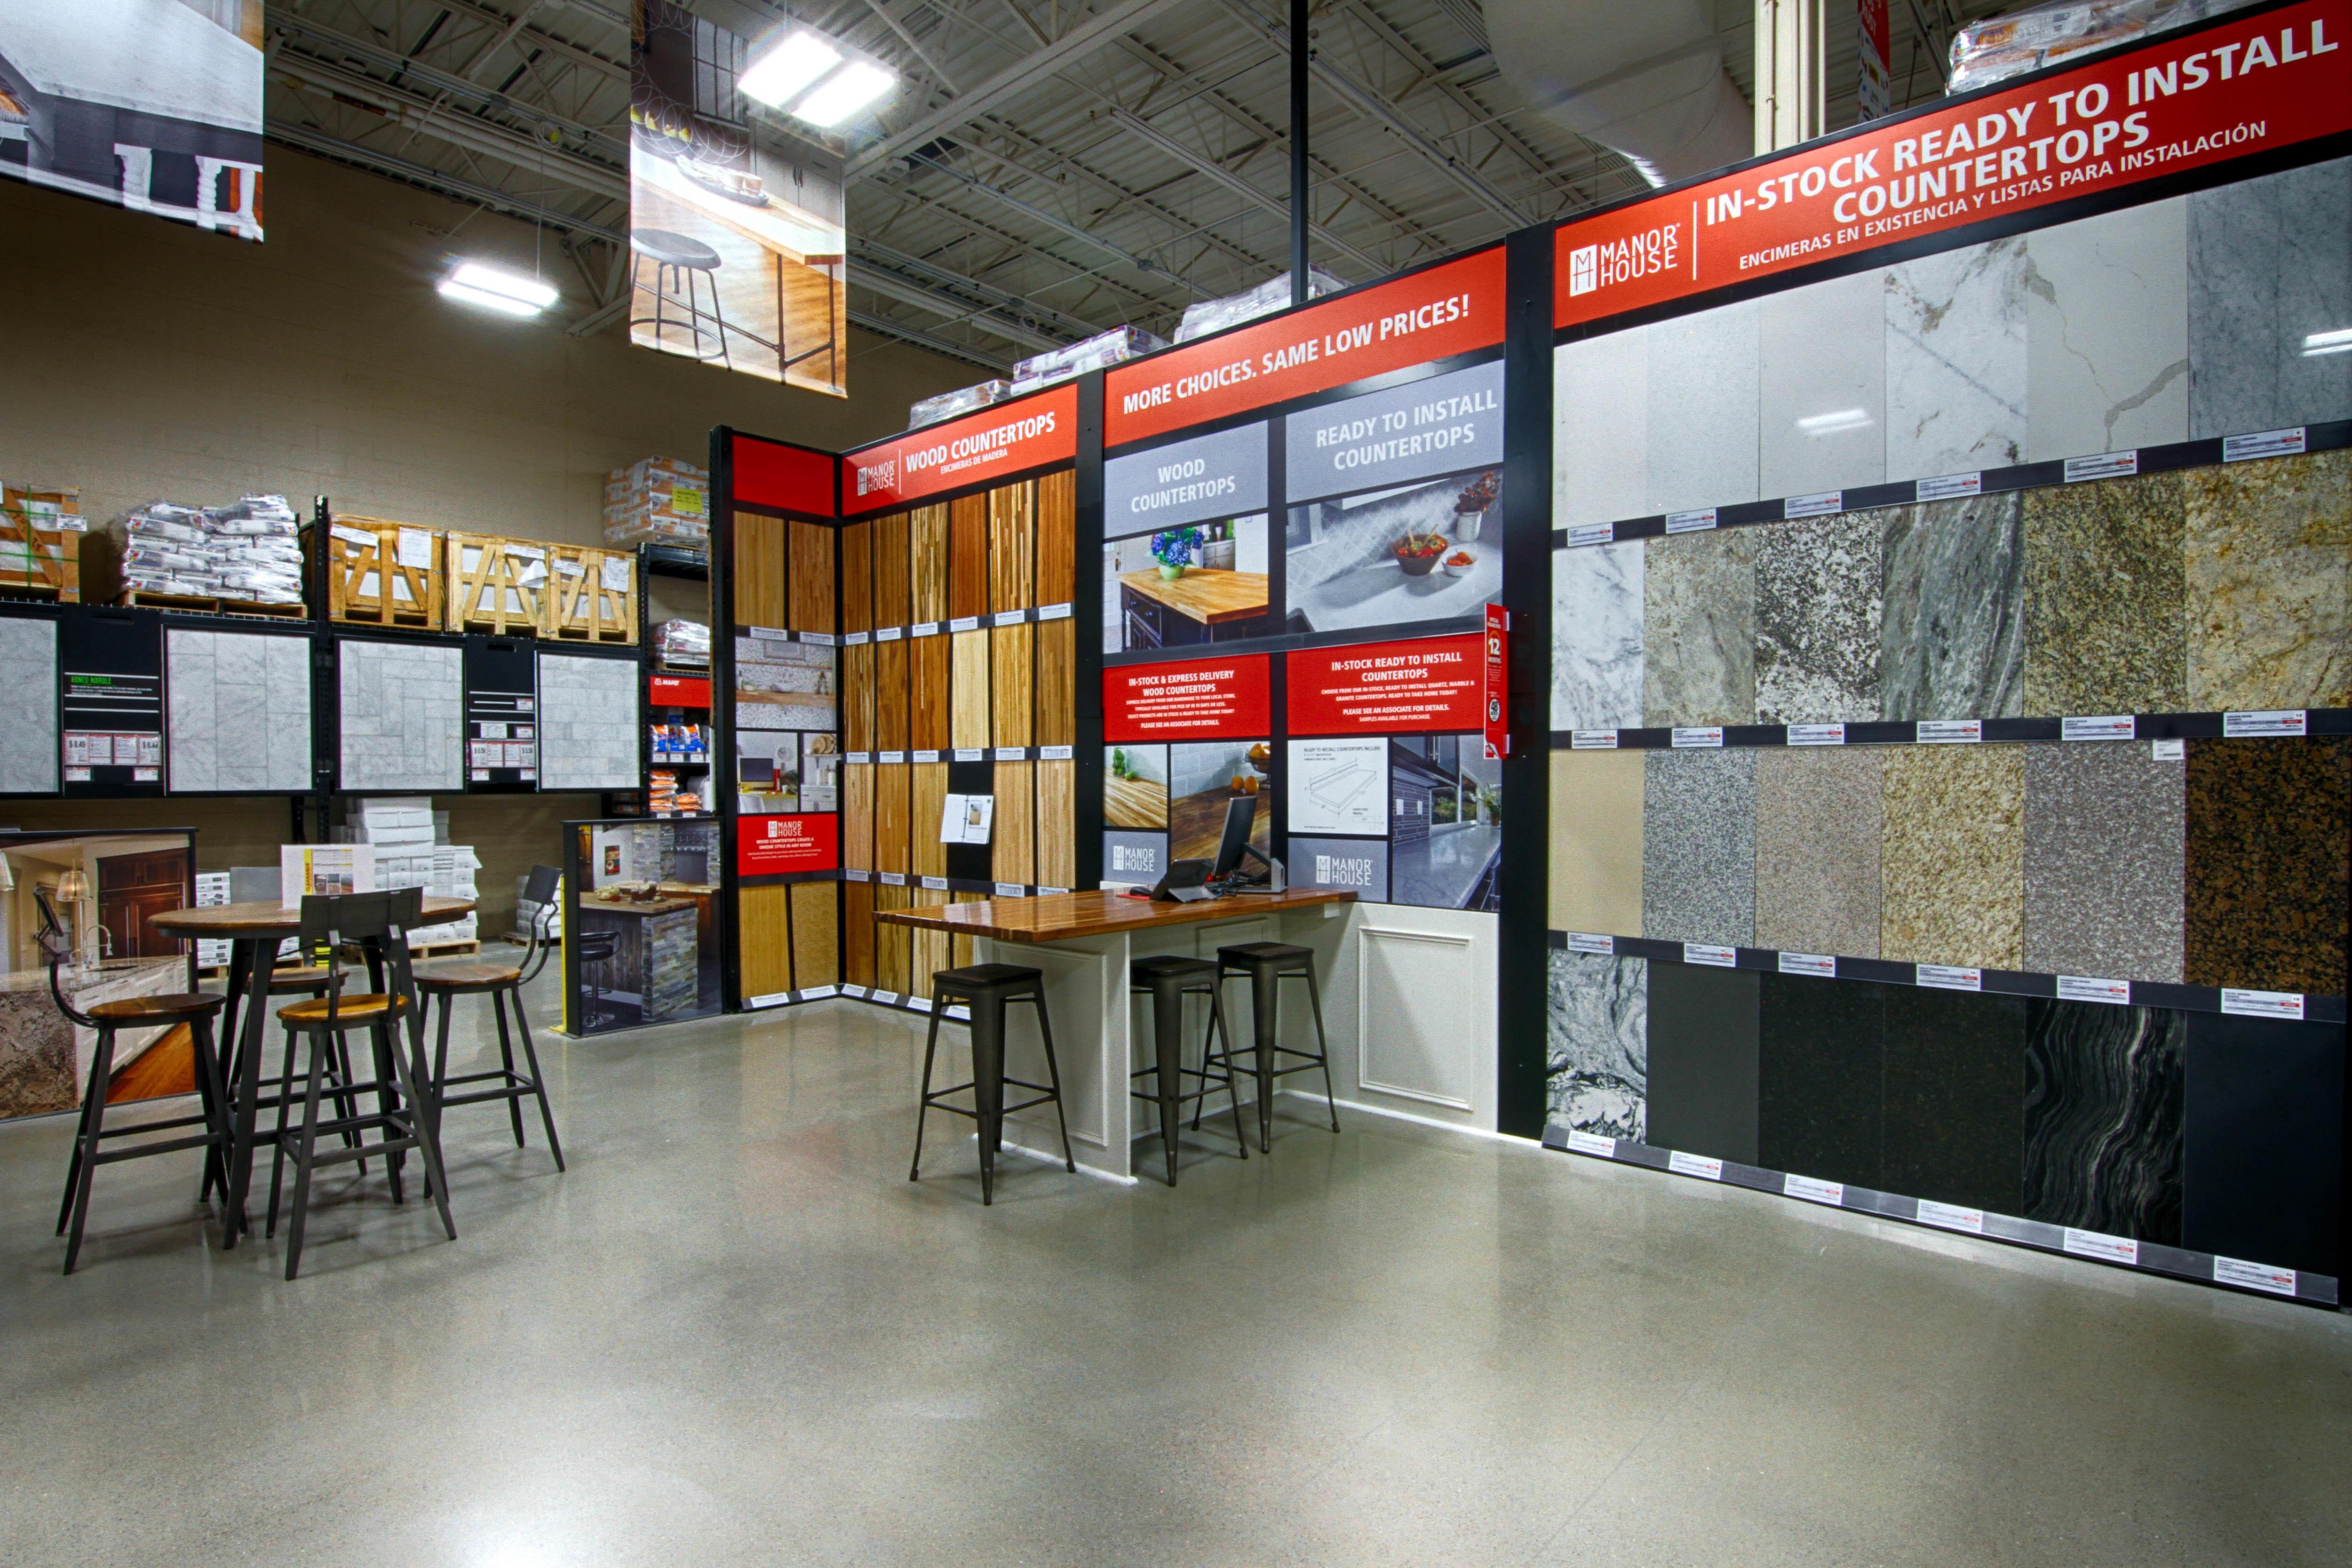 Floor & Decor image 42